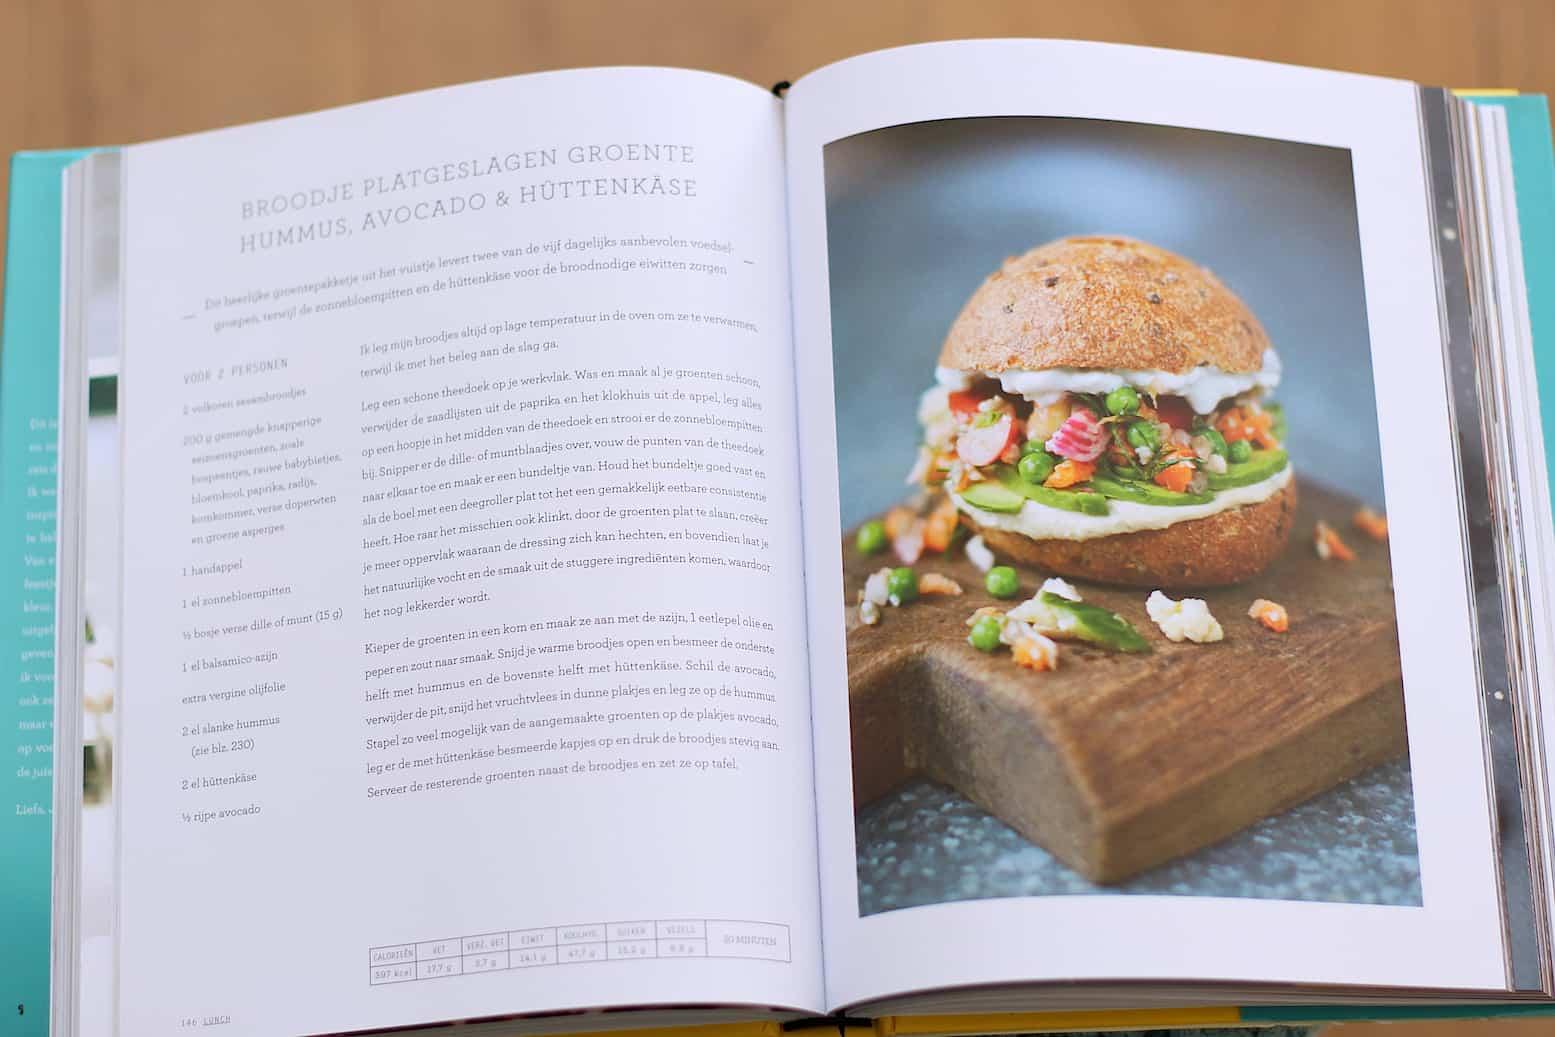 jamies-super-food-review-6